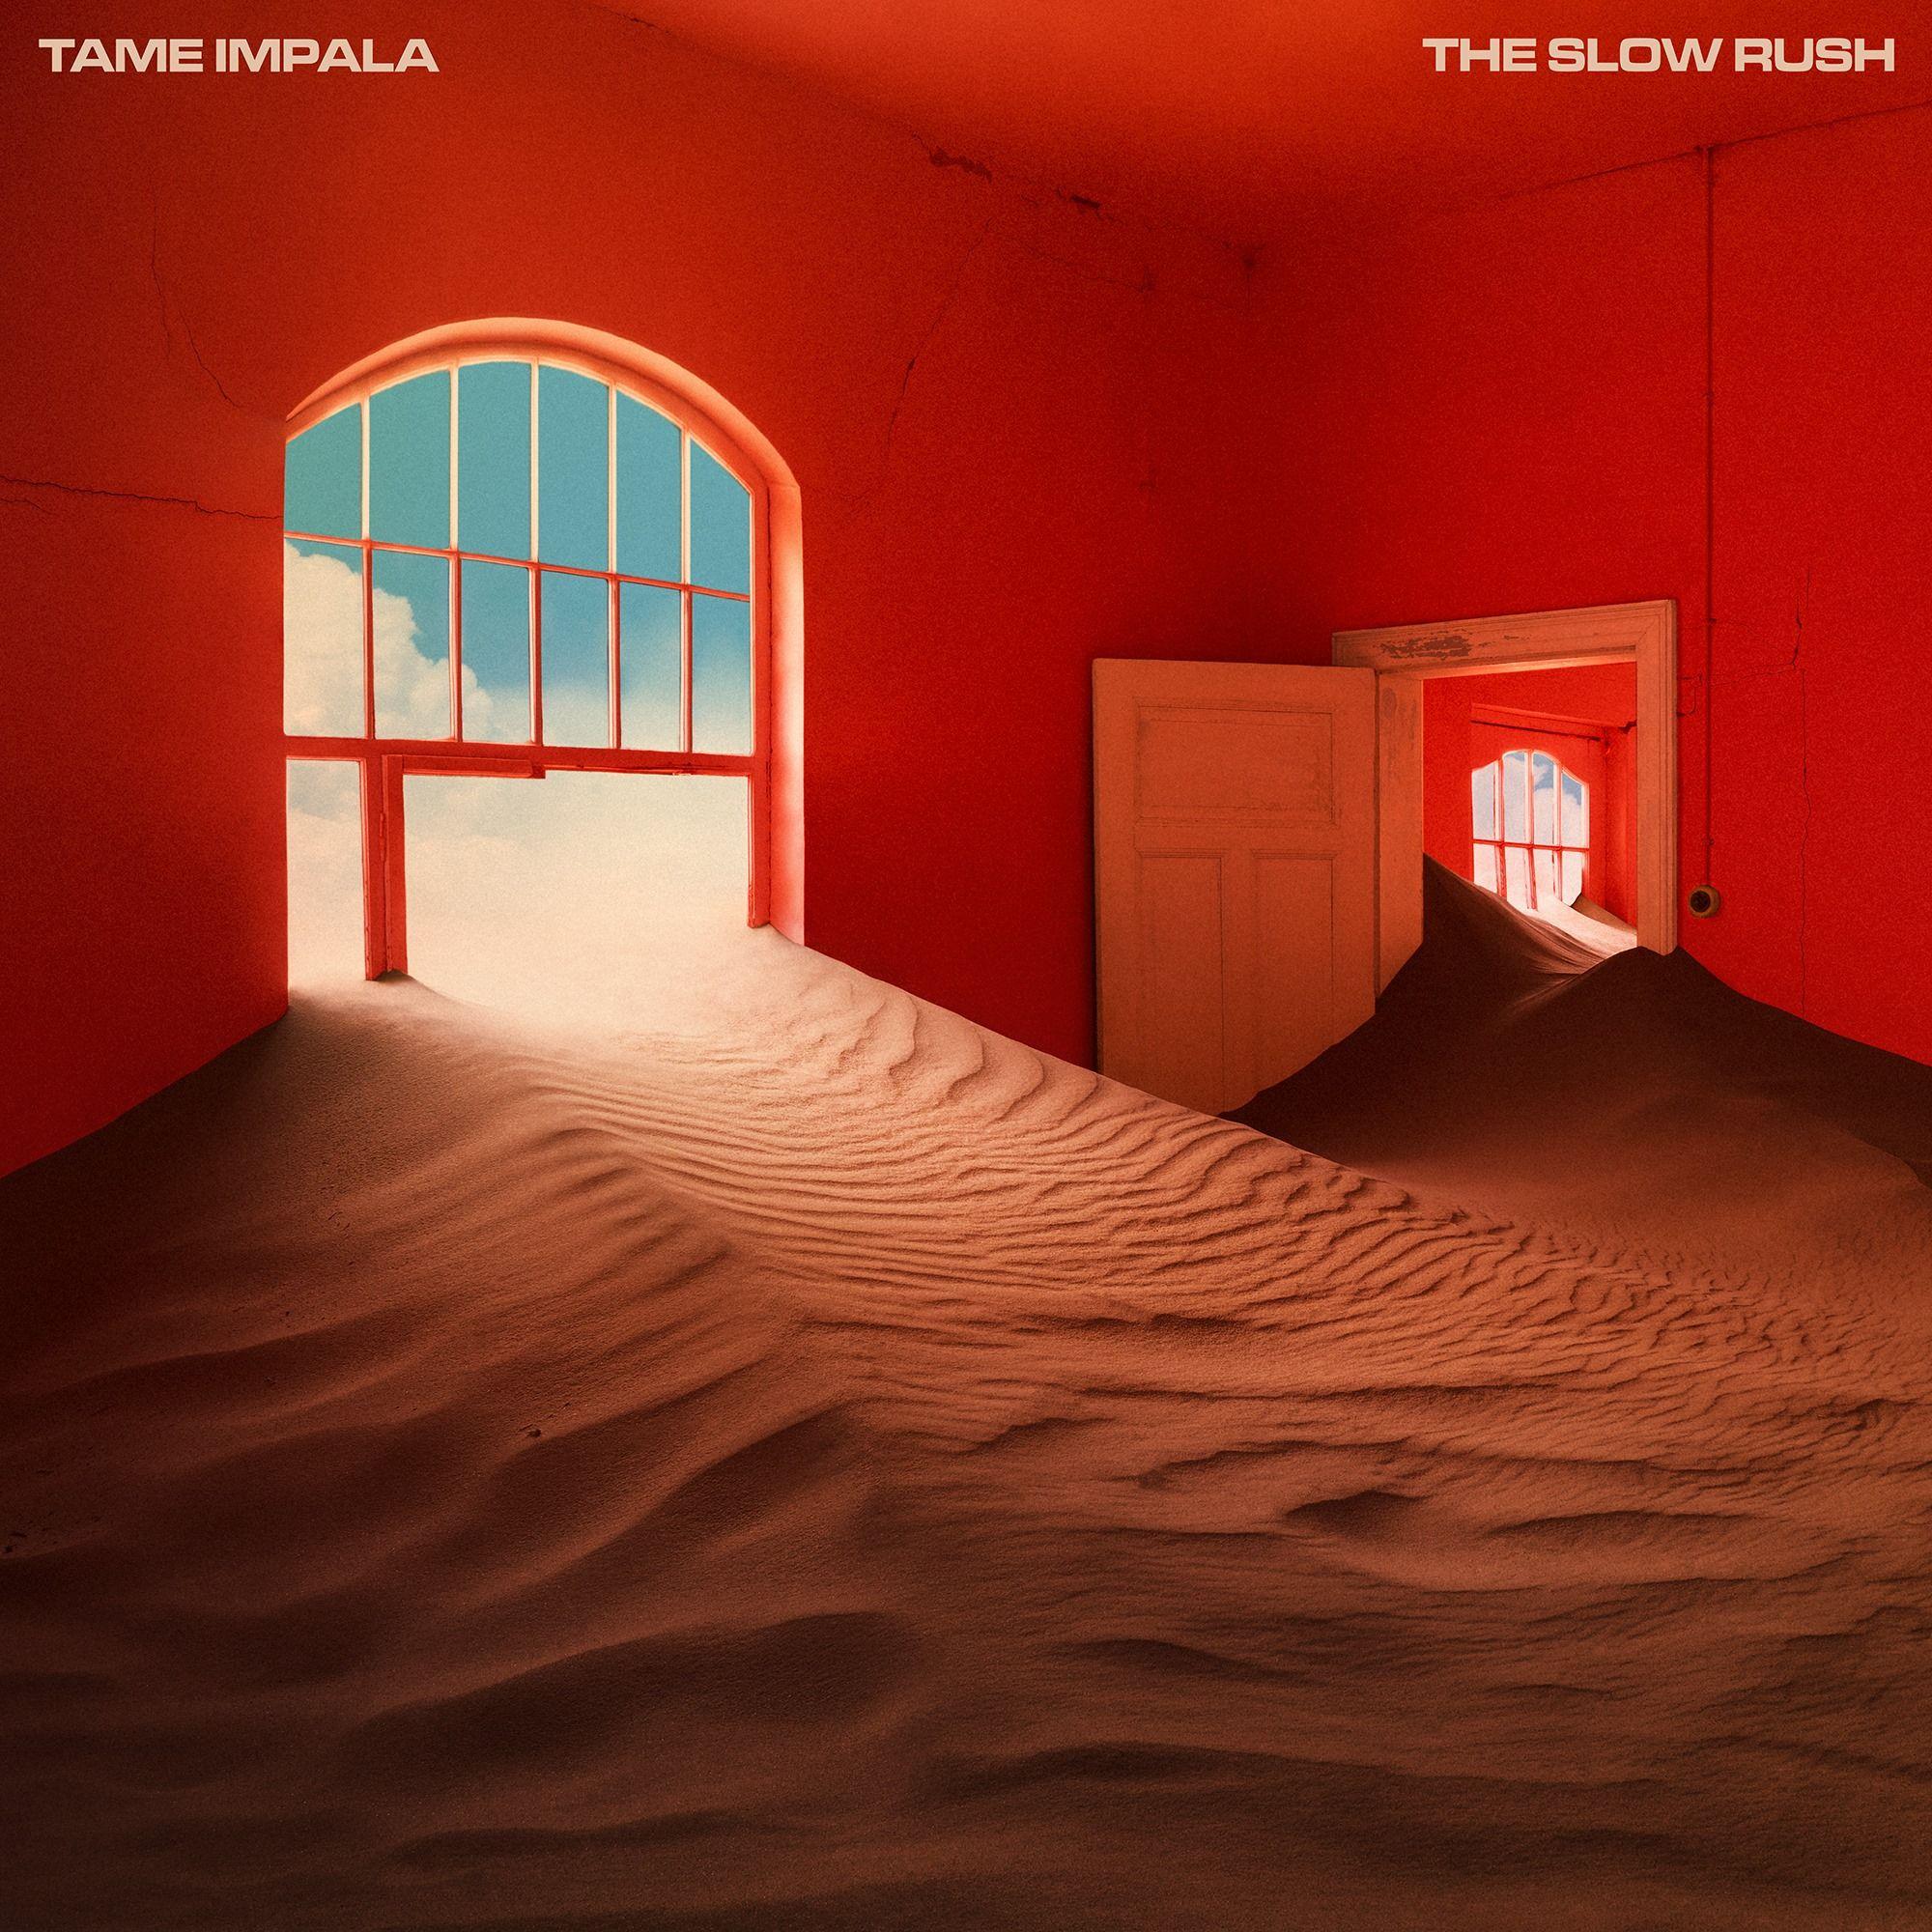 Epingle Par Vlad Kyshkan Sur Album Covers Pochette Album